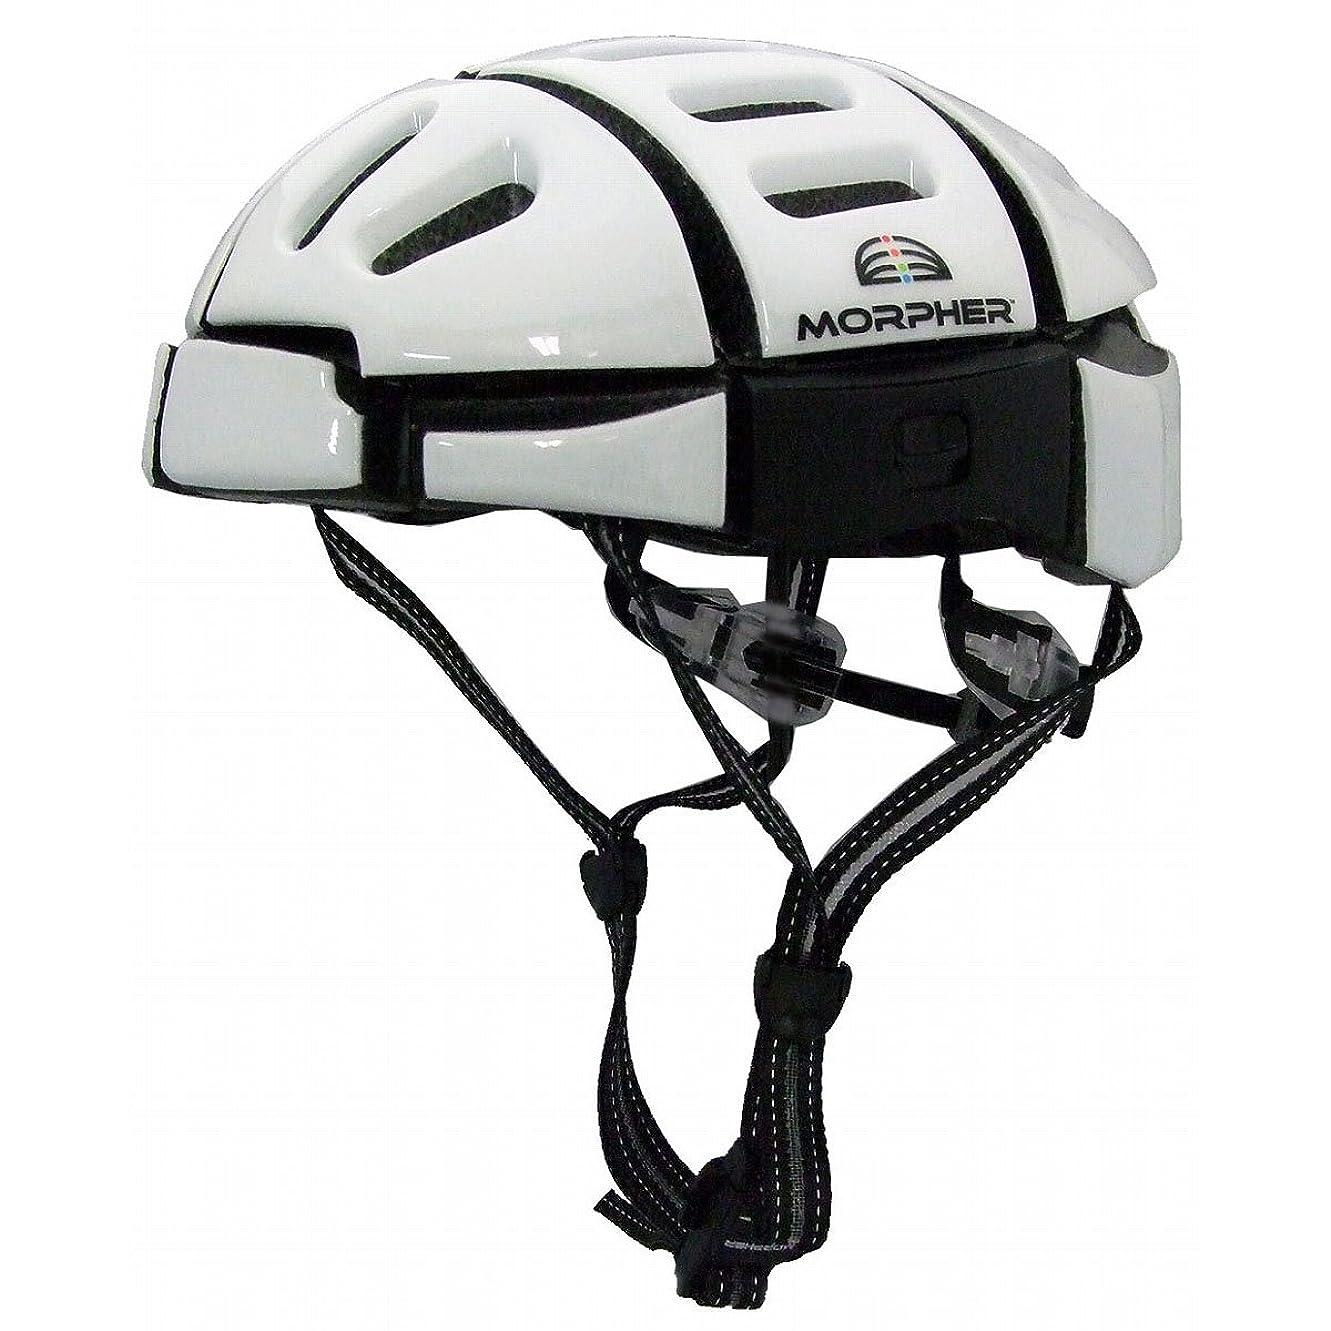 講堂ピアニスト一方、折り畳み可能で持ち運びらくらく サイクルヘルメット ホワイト MORPHER FOLDING HELMET